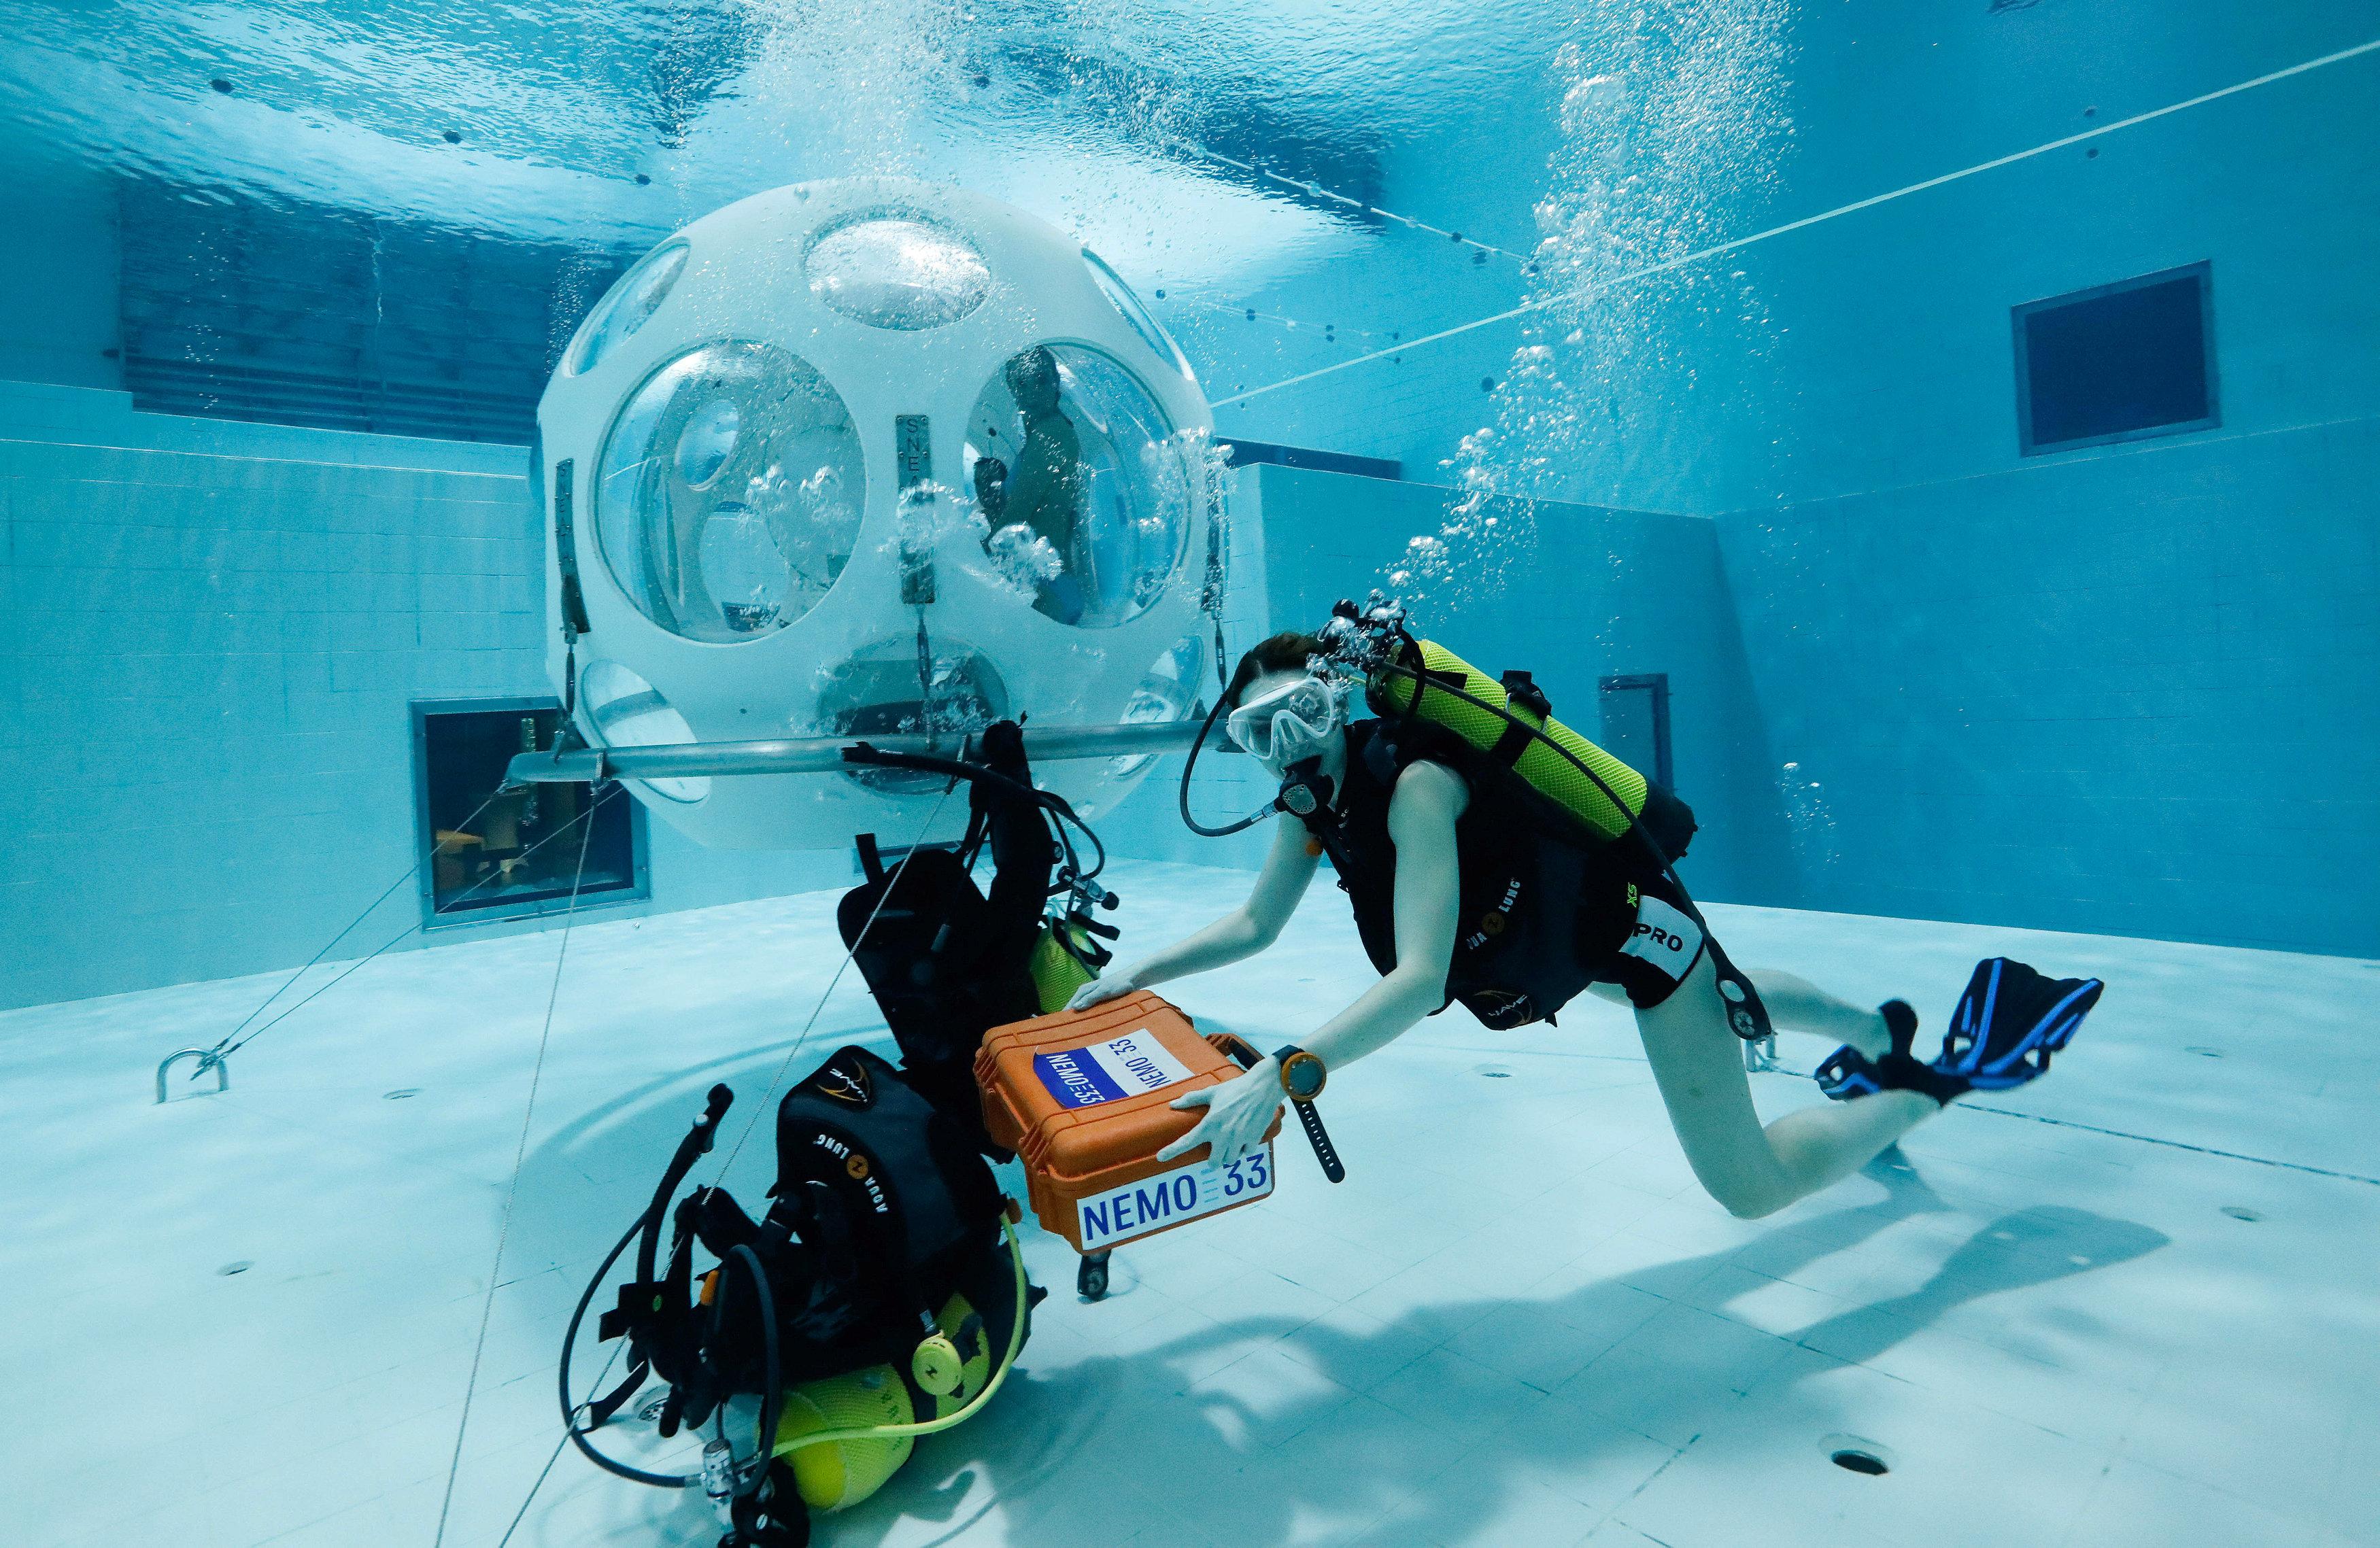 2048747-فلورنسا-تجهز-حقيبة-الغداء-لإدخالها-إلى-المطعم-تحت-الماء